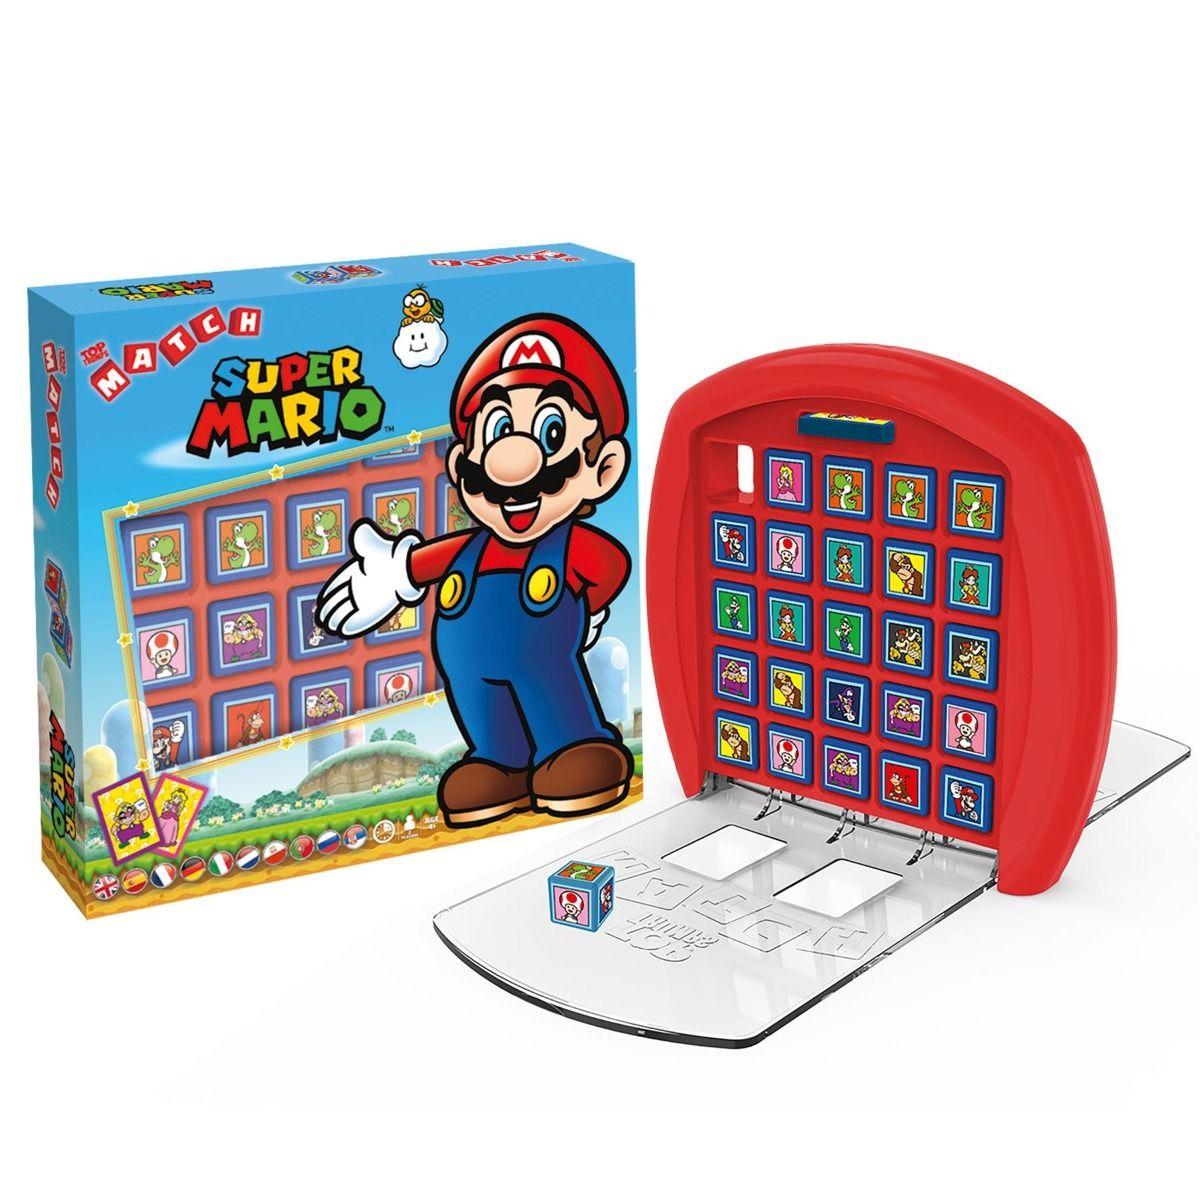 Top Trumps Match: Super Mario